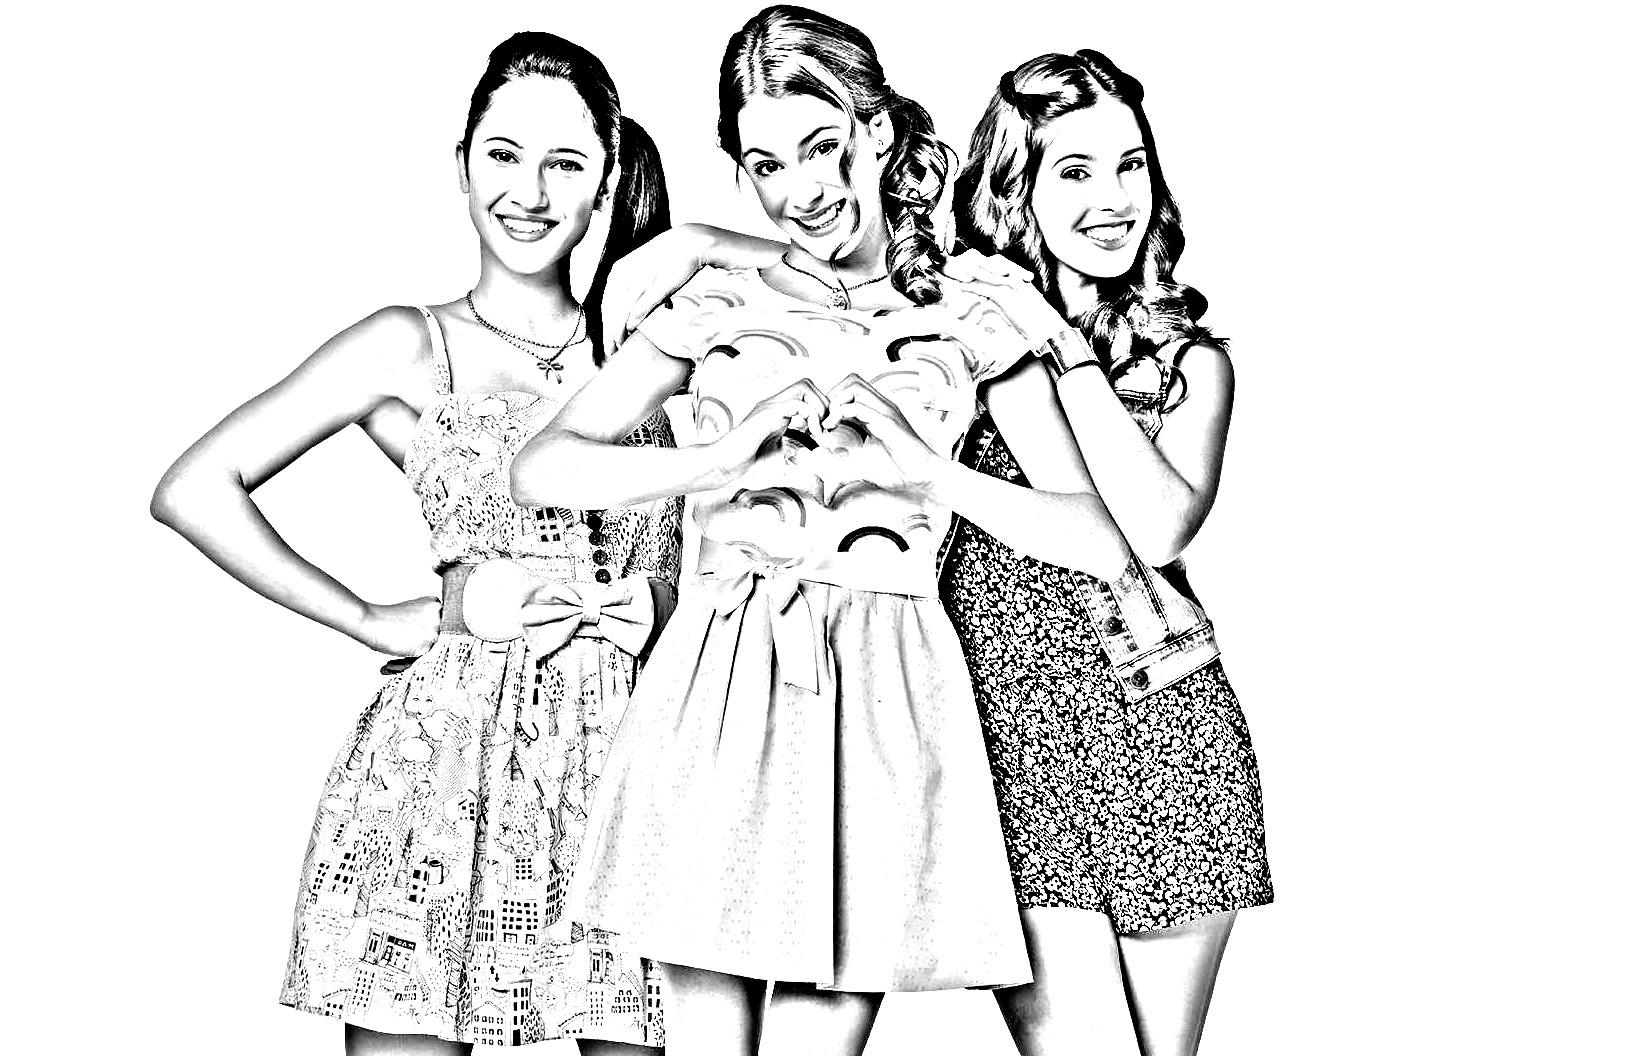 Violetta 93166 | Violetta - Coloring for kids